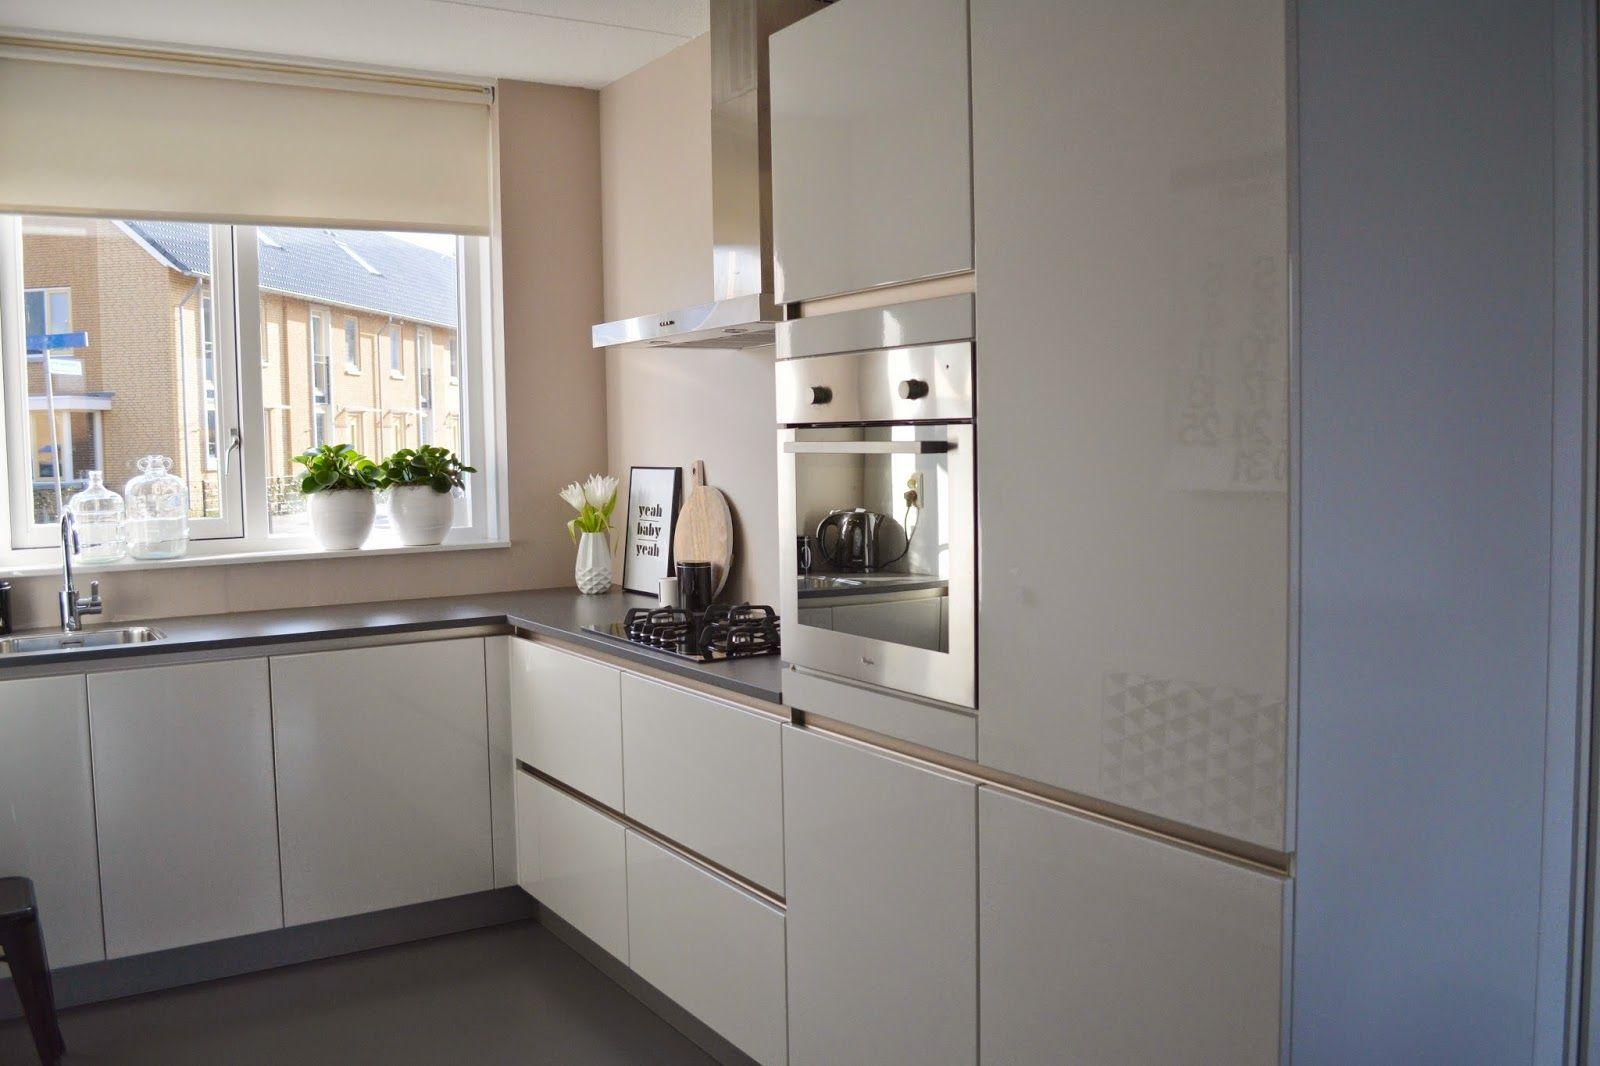 Keuken inspiratie l vorm google zoeken keuken kitchen